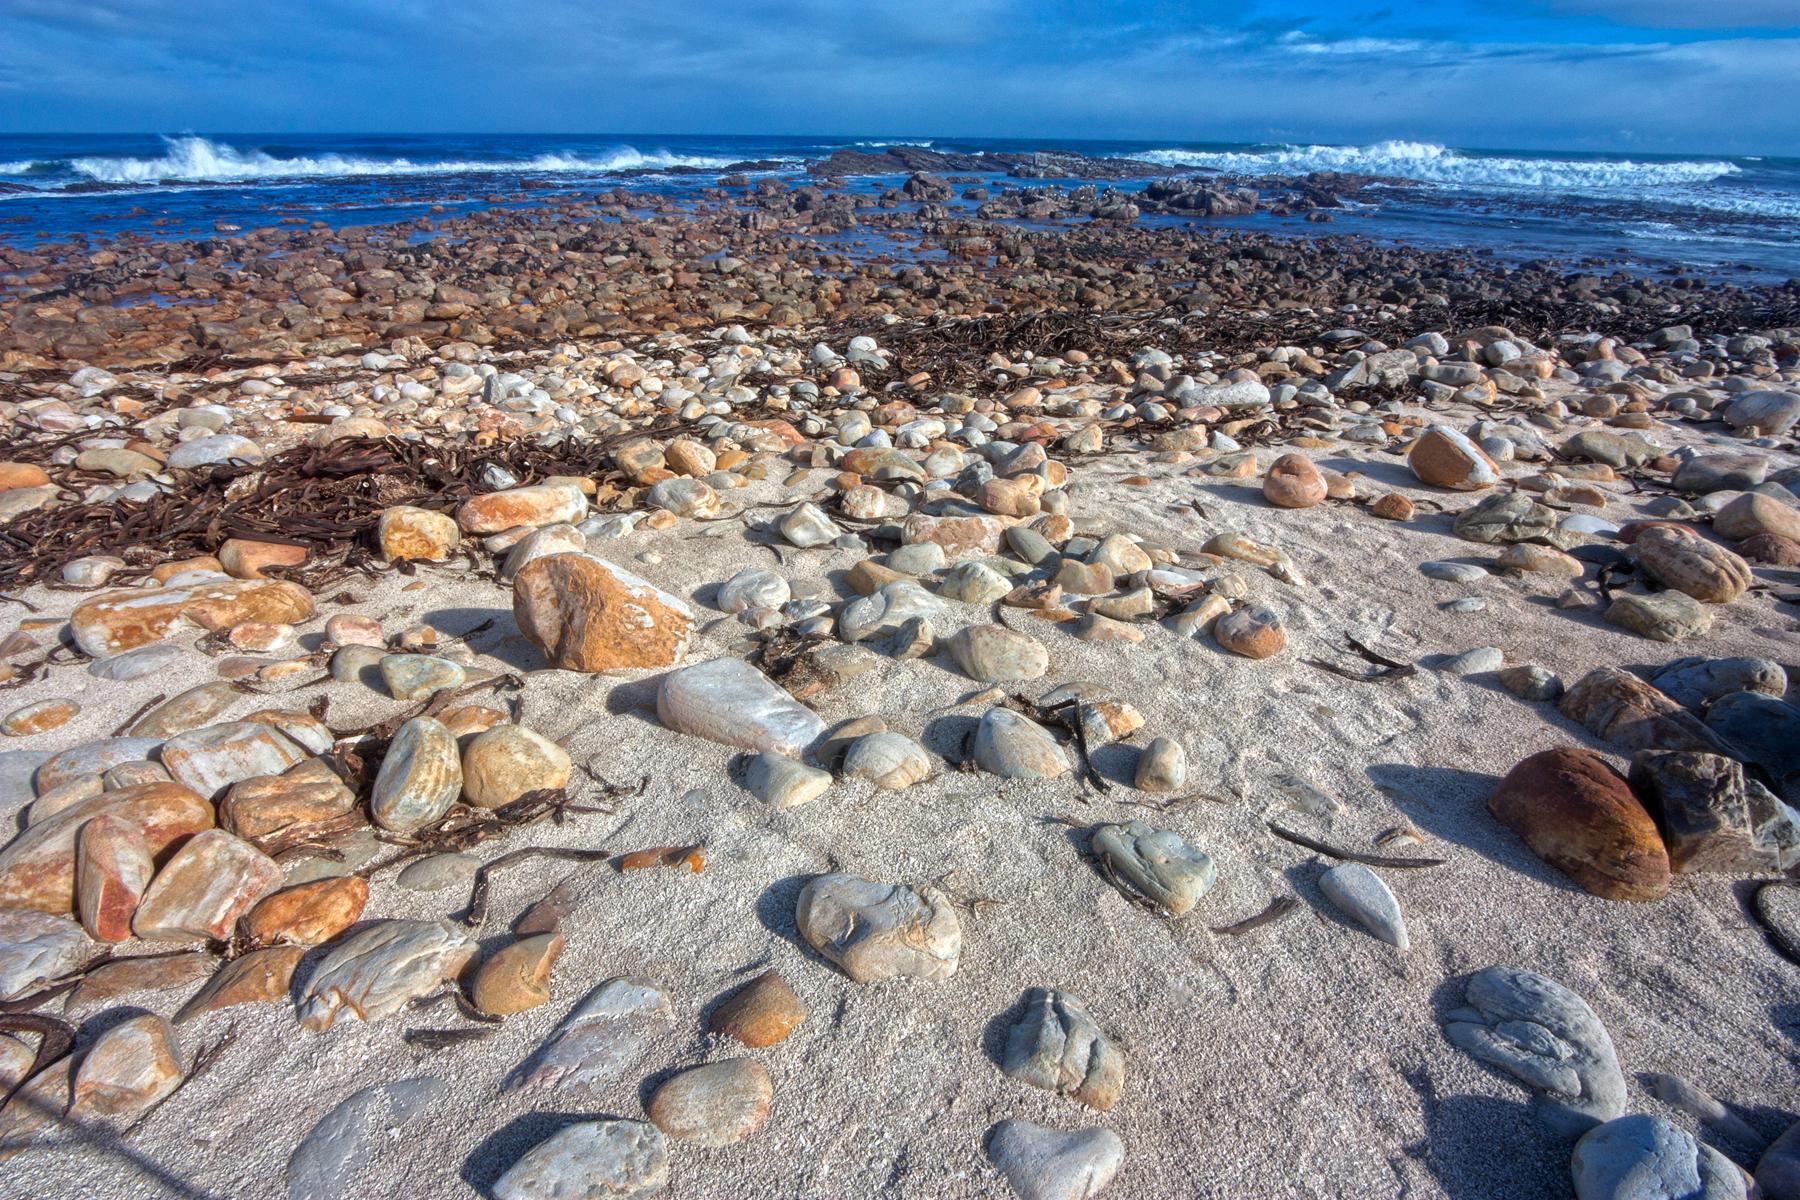 Rugged beach - hdr photo